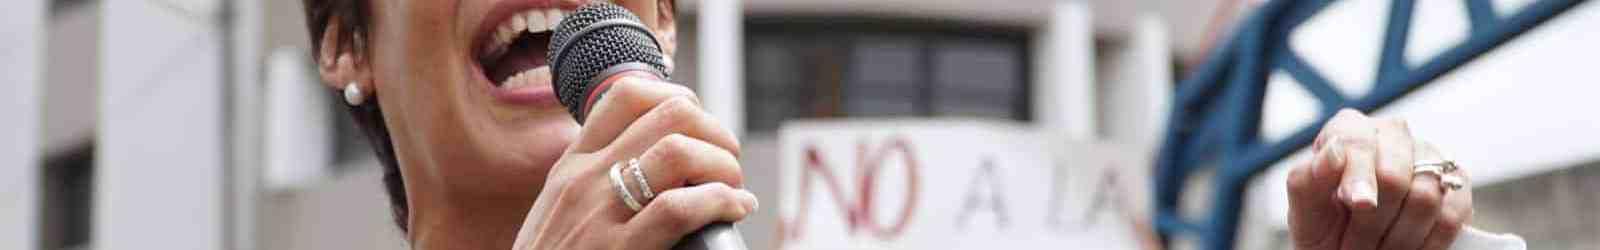 María de Lourdes Santiago repudia enmiendas al Código Penal